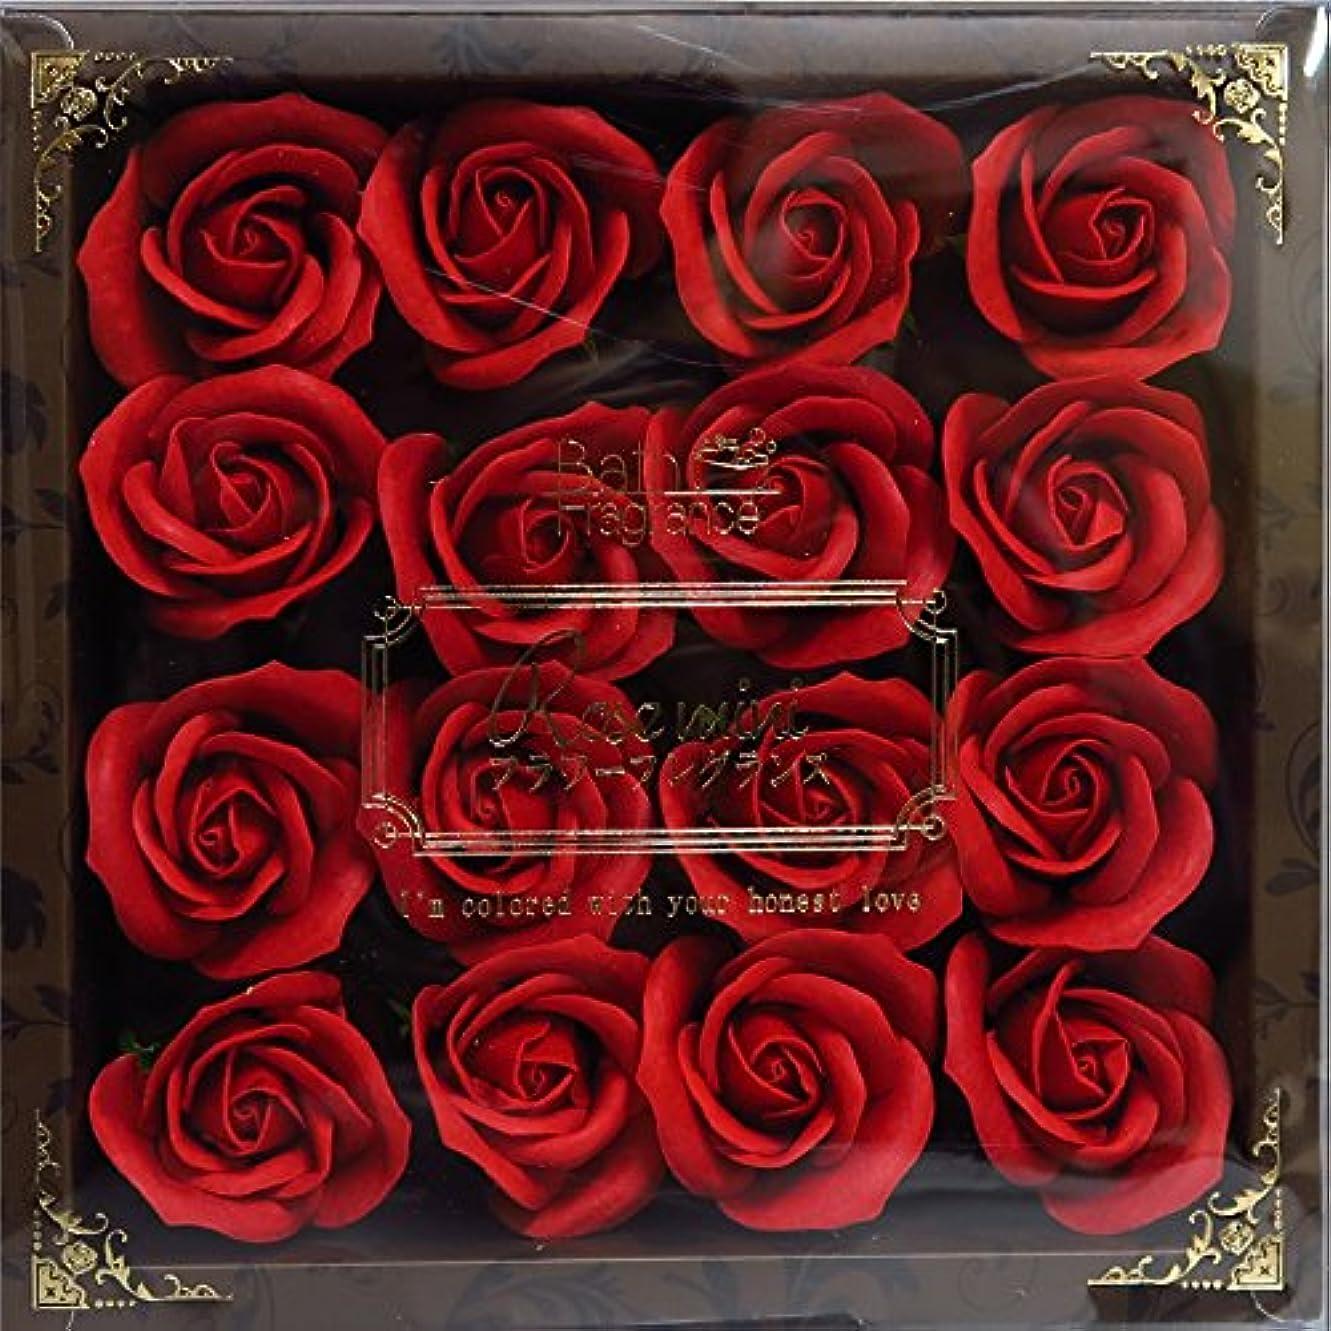 文房具田舎敬バスフレグランス バスフラワー ミニローズフレグランス(M)レッド ギフト お花の形の入浴剤 プレゼント ばら